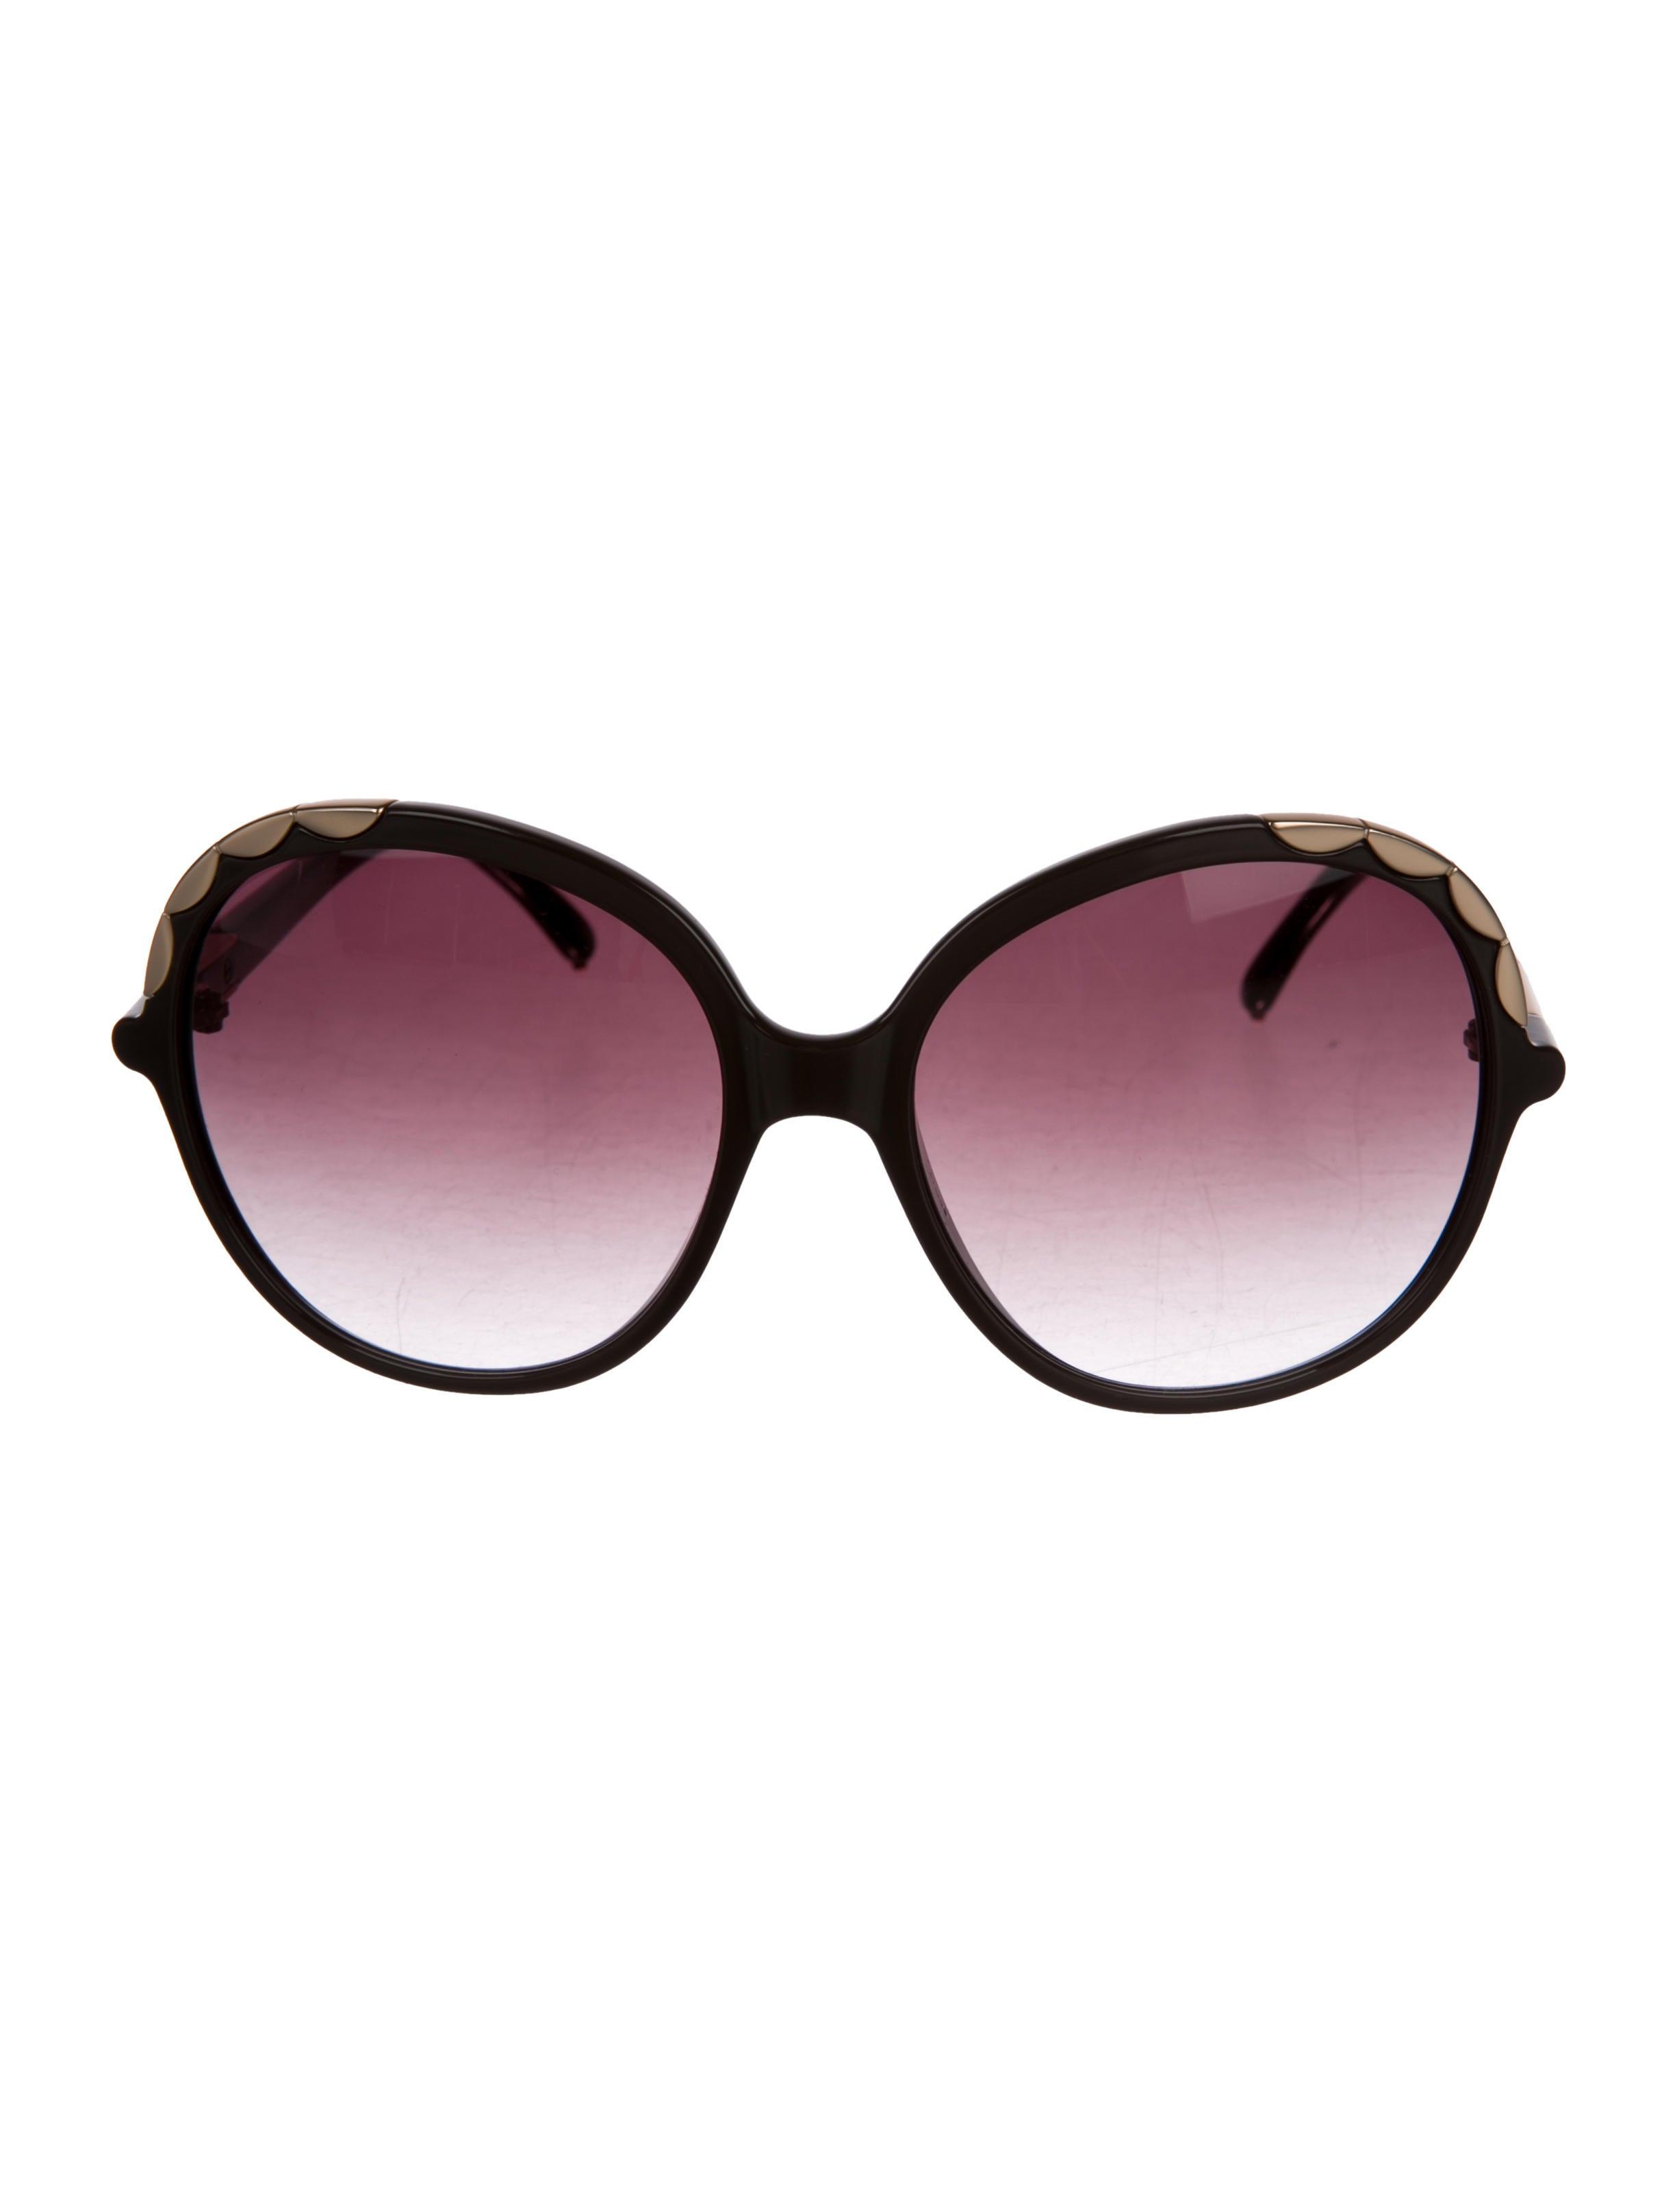 72e61898ea2 Chloé Scalloped Oversize Sunglasses - Accessories - CHL78447